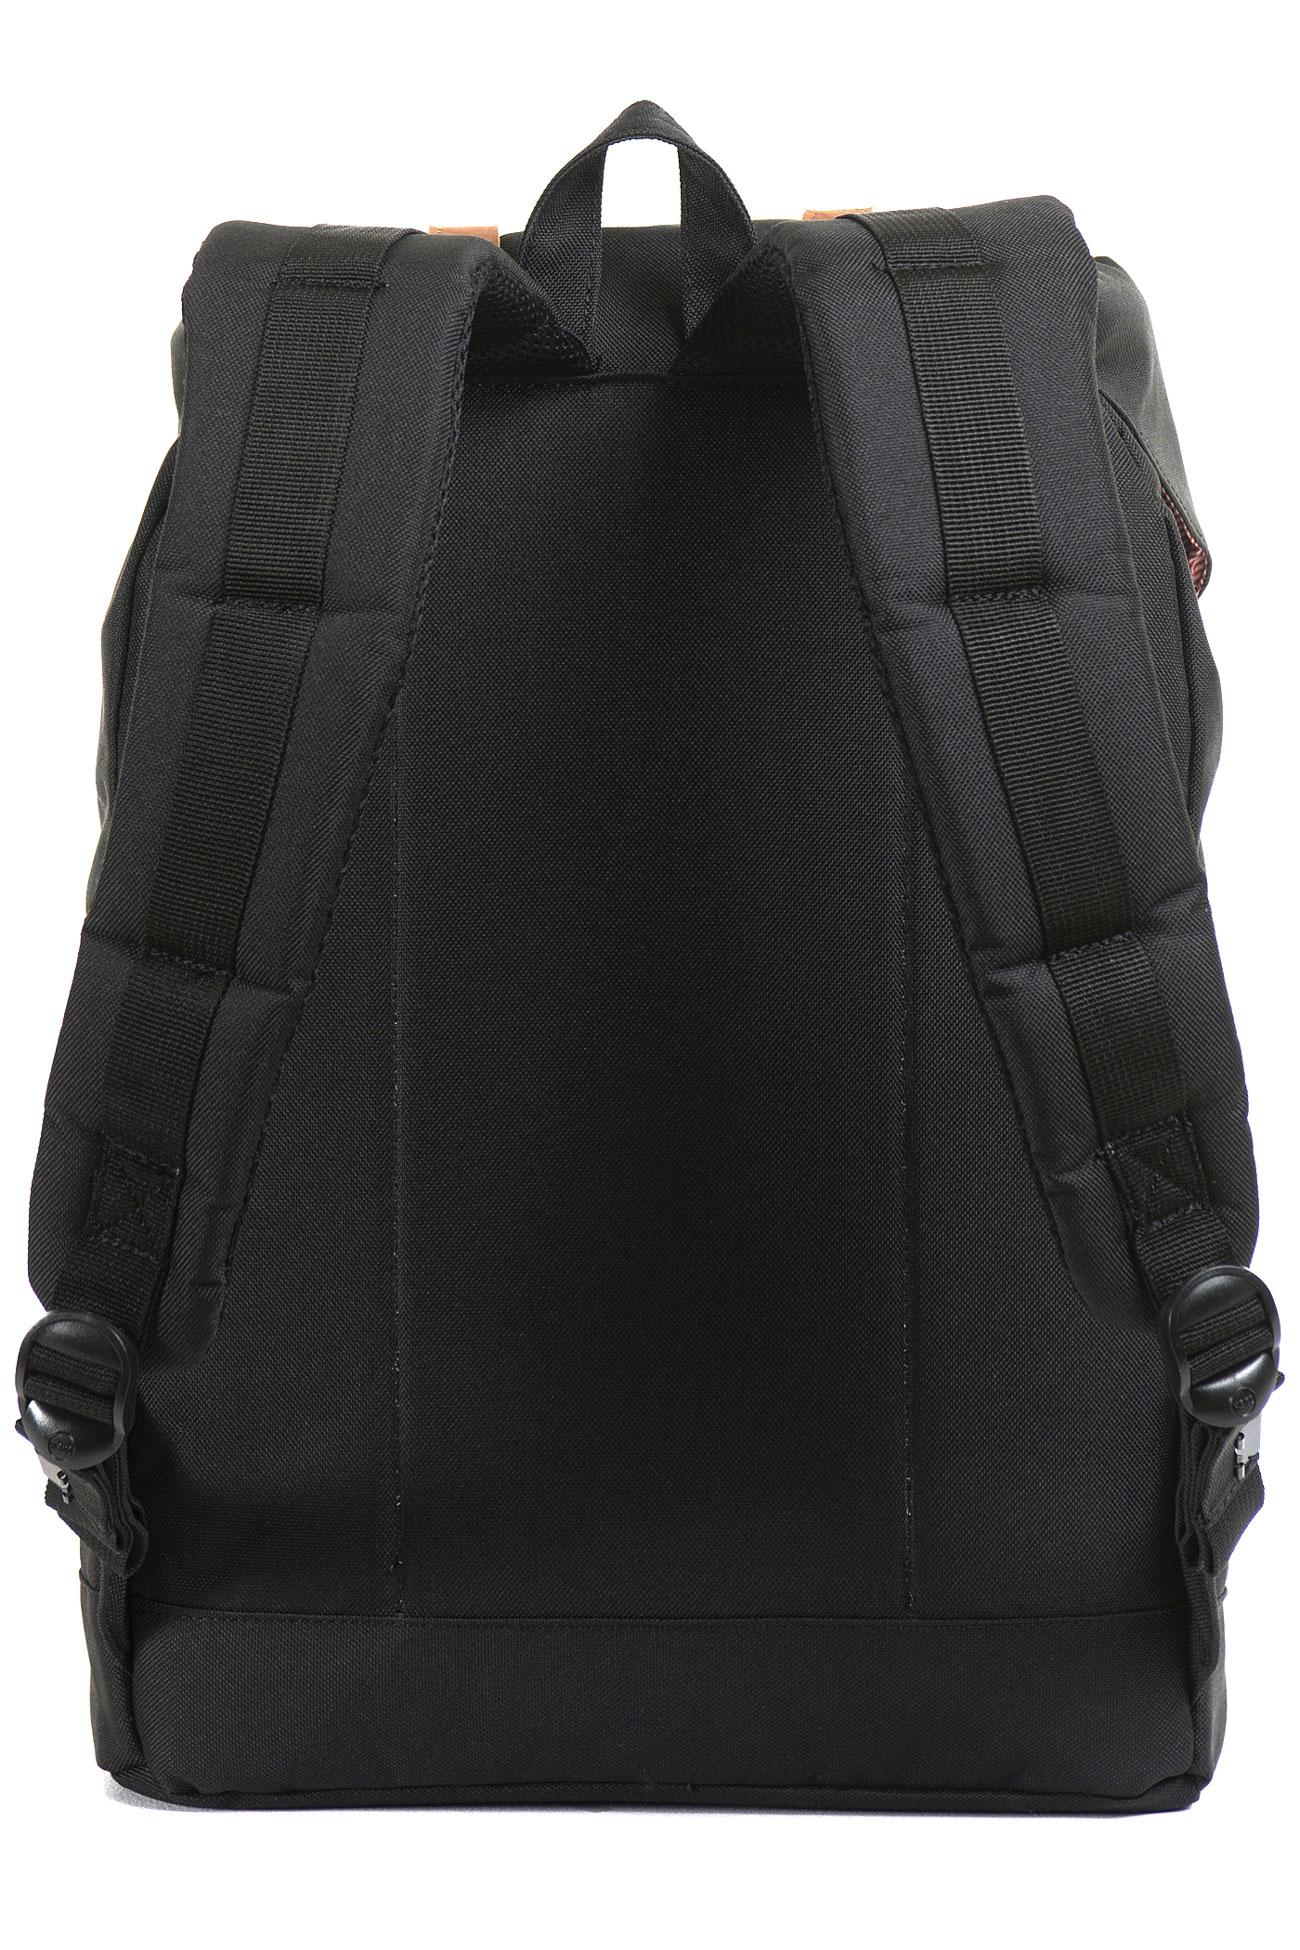 herschel retreat backpack 19 5l black tan buy at skatedeluxe. Black Bedroom Furniture Sets. Home Design Ideas